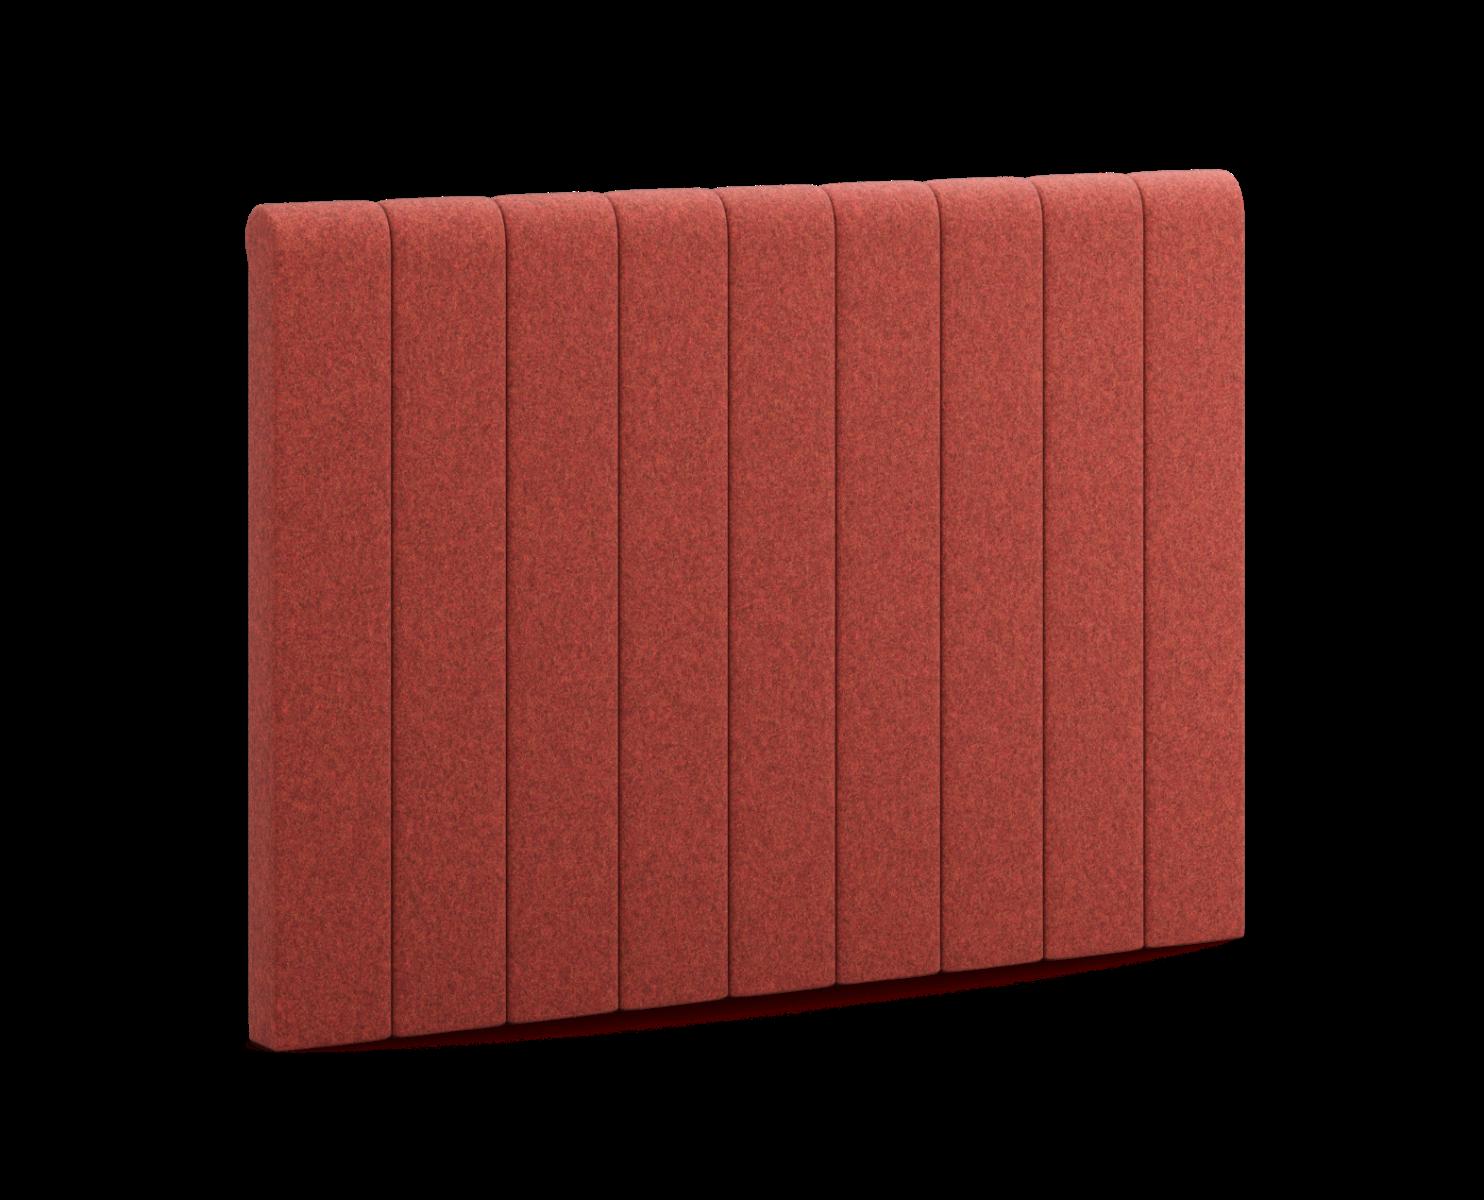 Køb Ovia Regal - 210x130x10 Rust